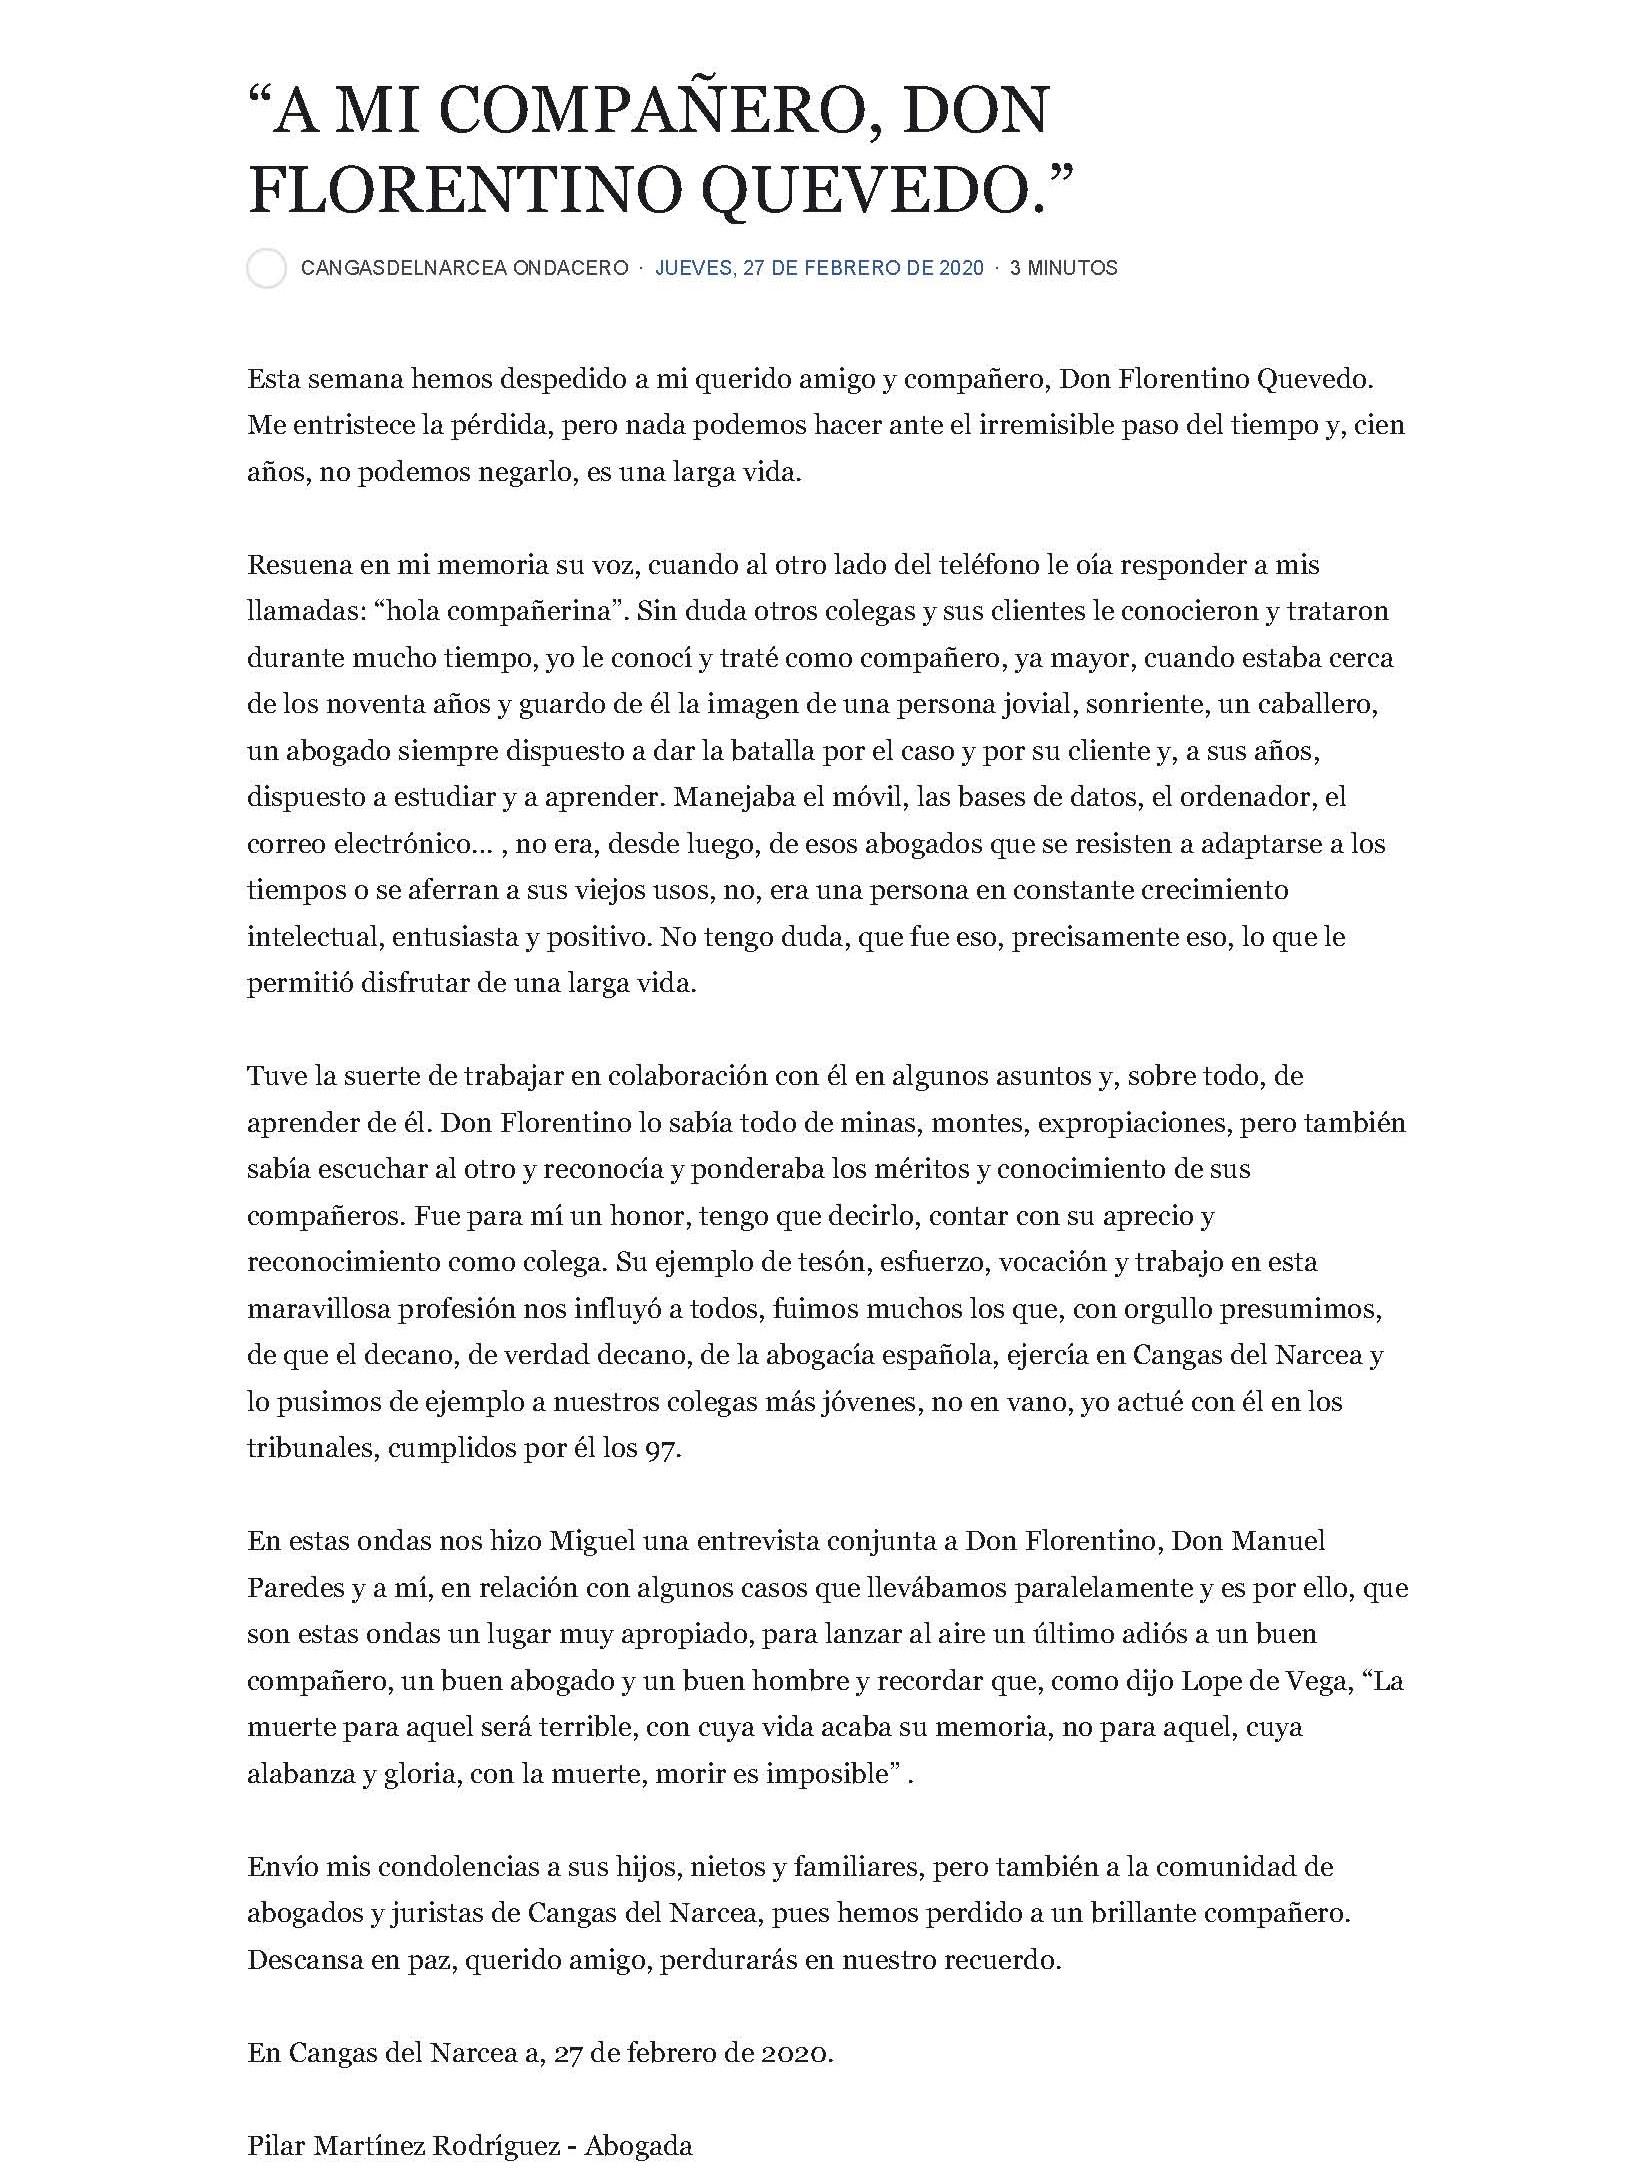 Despedida Florentino Quevedo